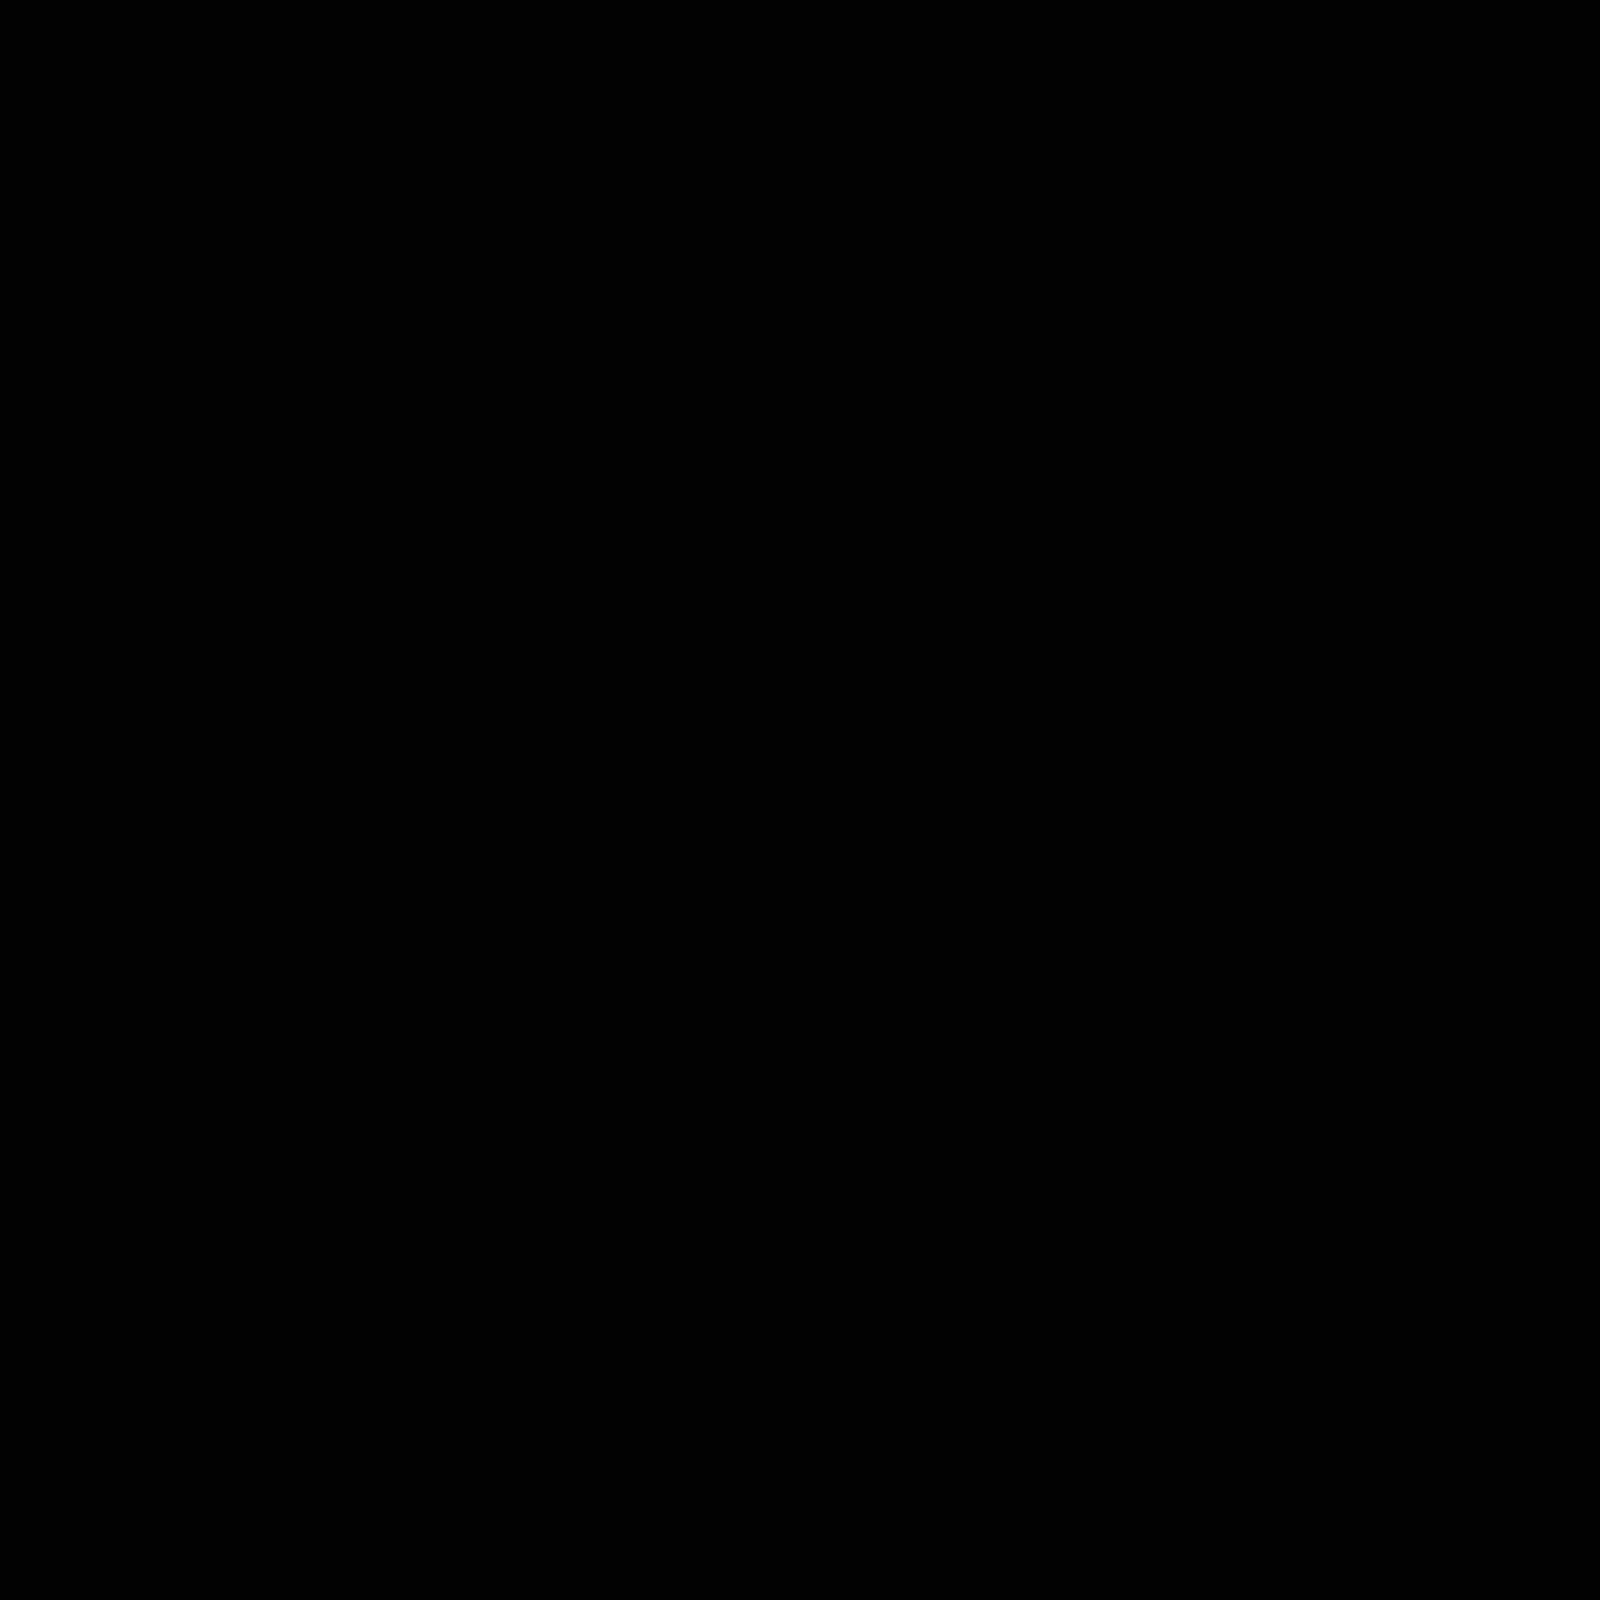 Старый кассовый аппарат icon